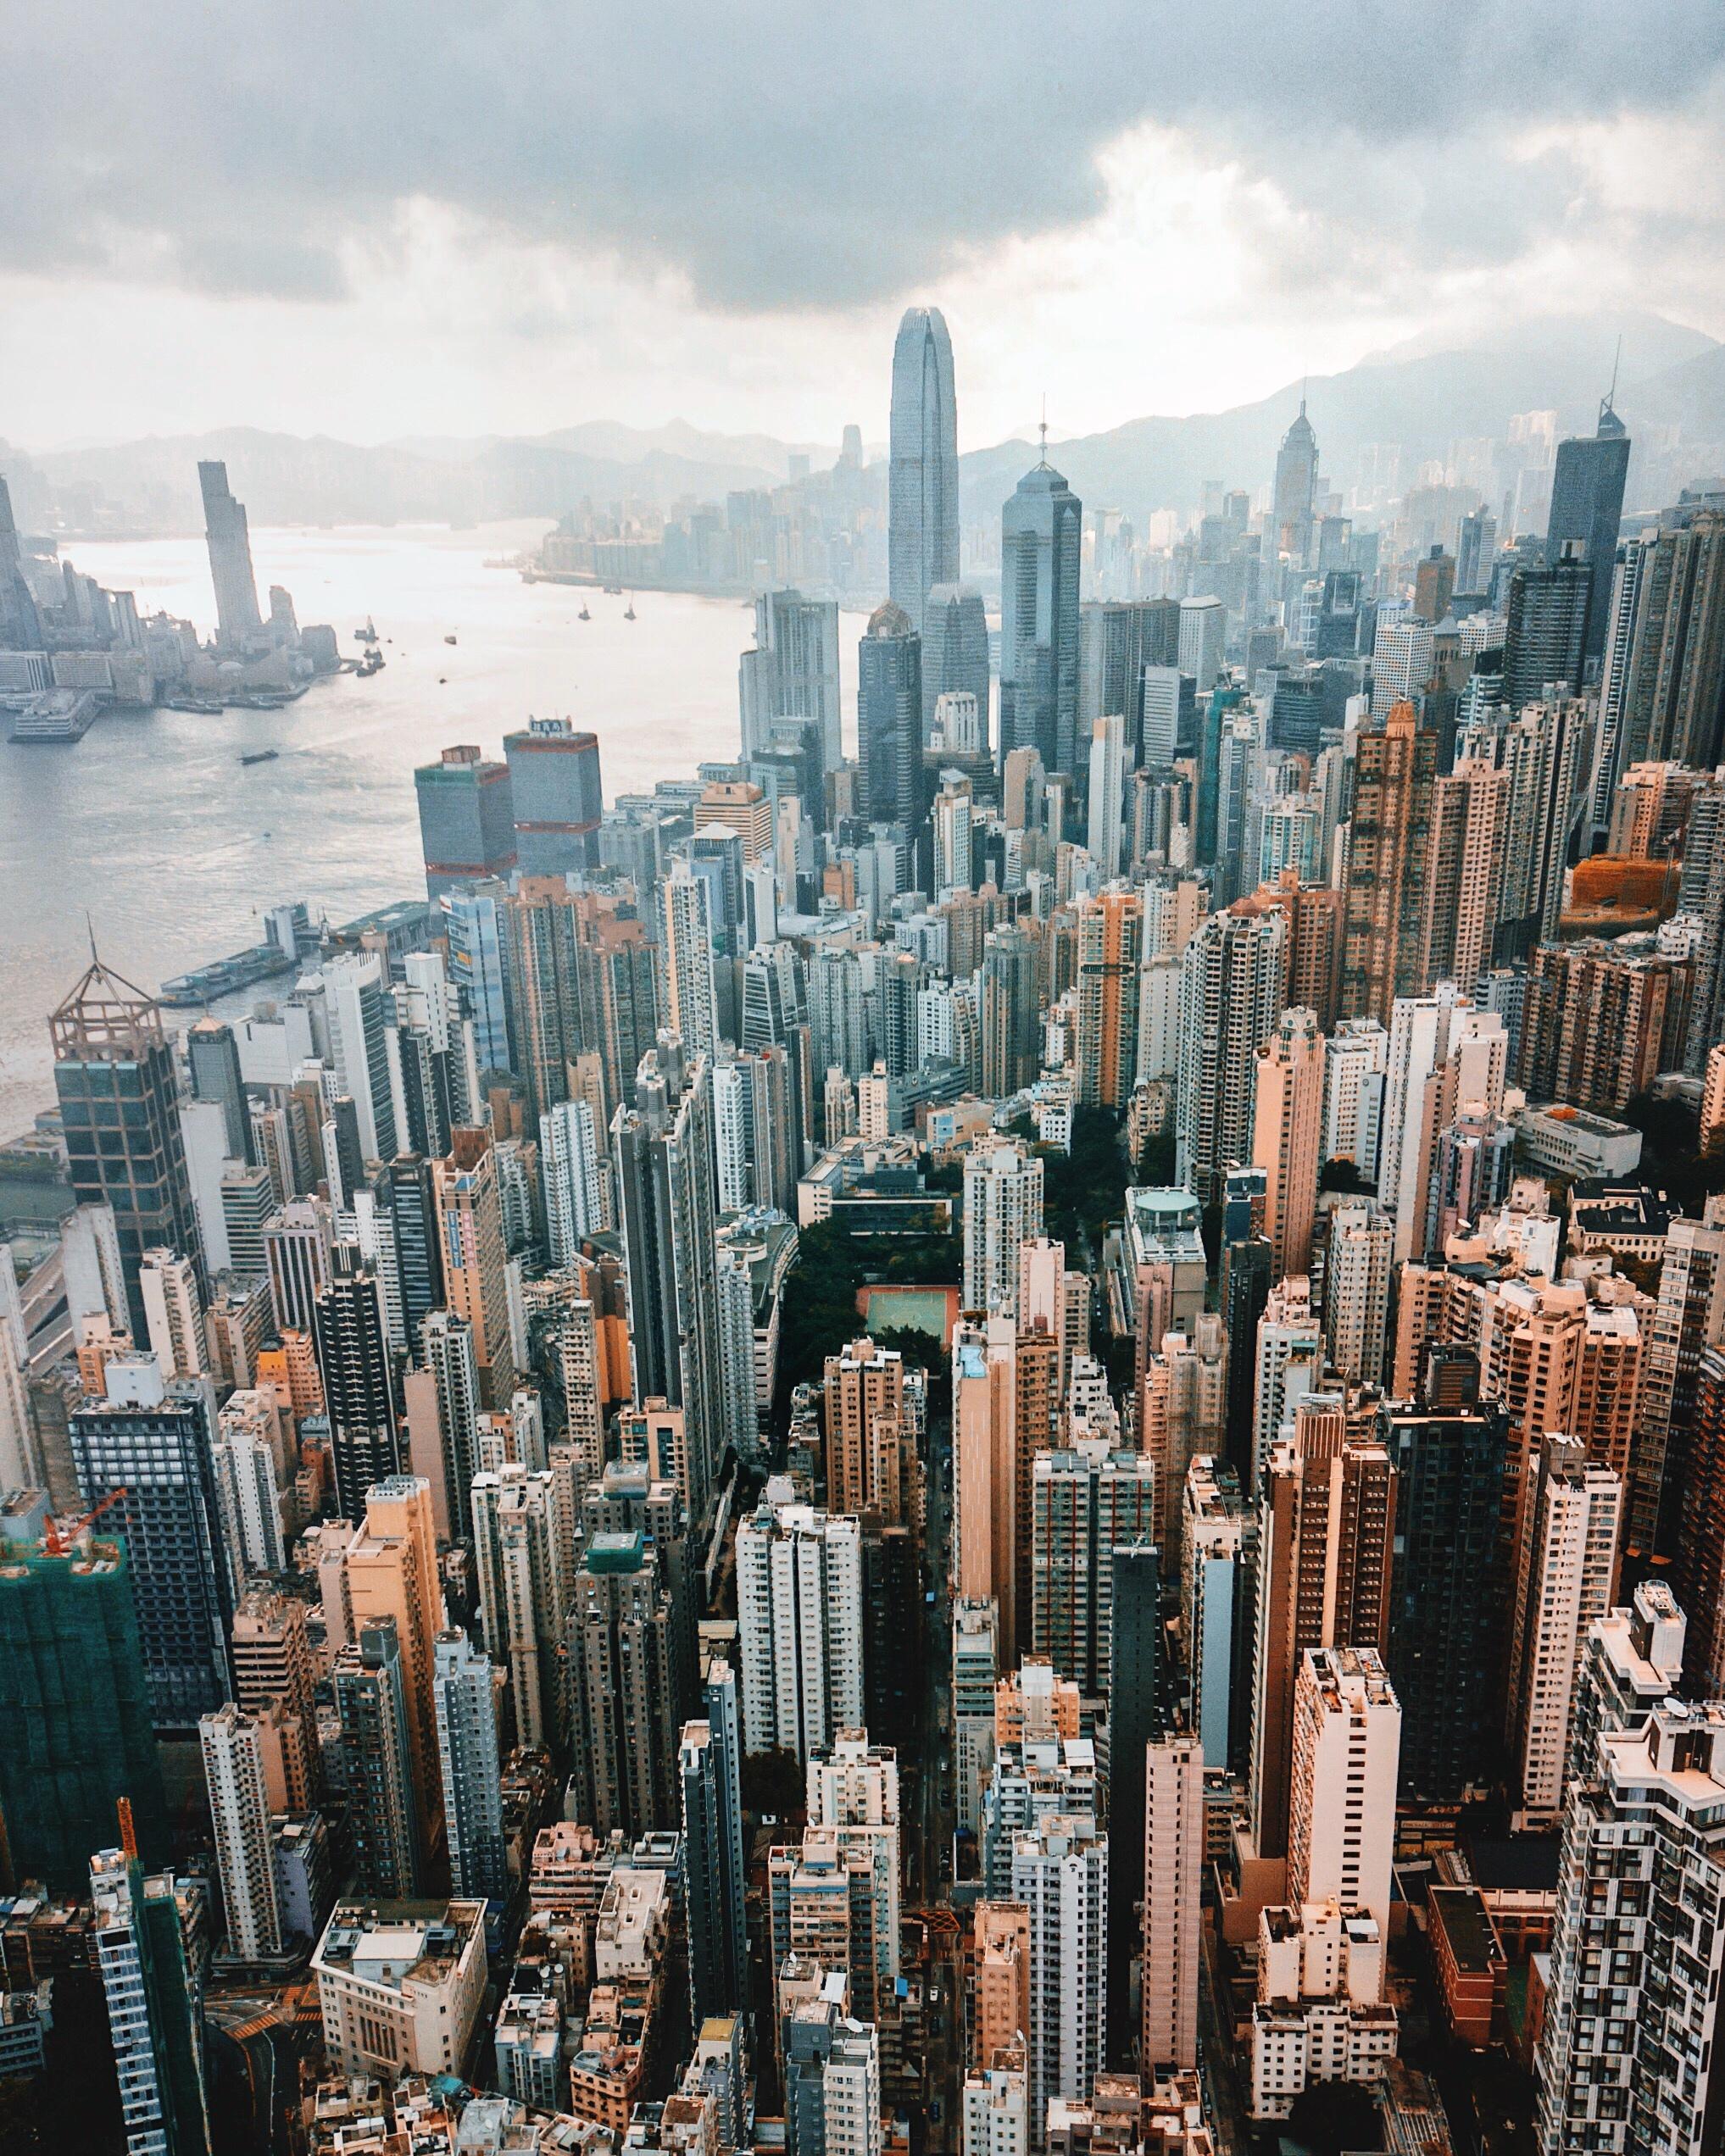 @joethommas - Shanghai, China